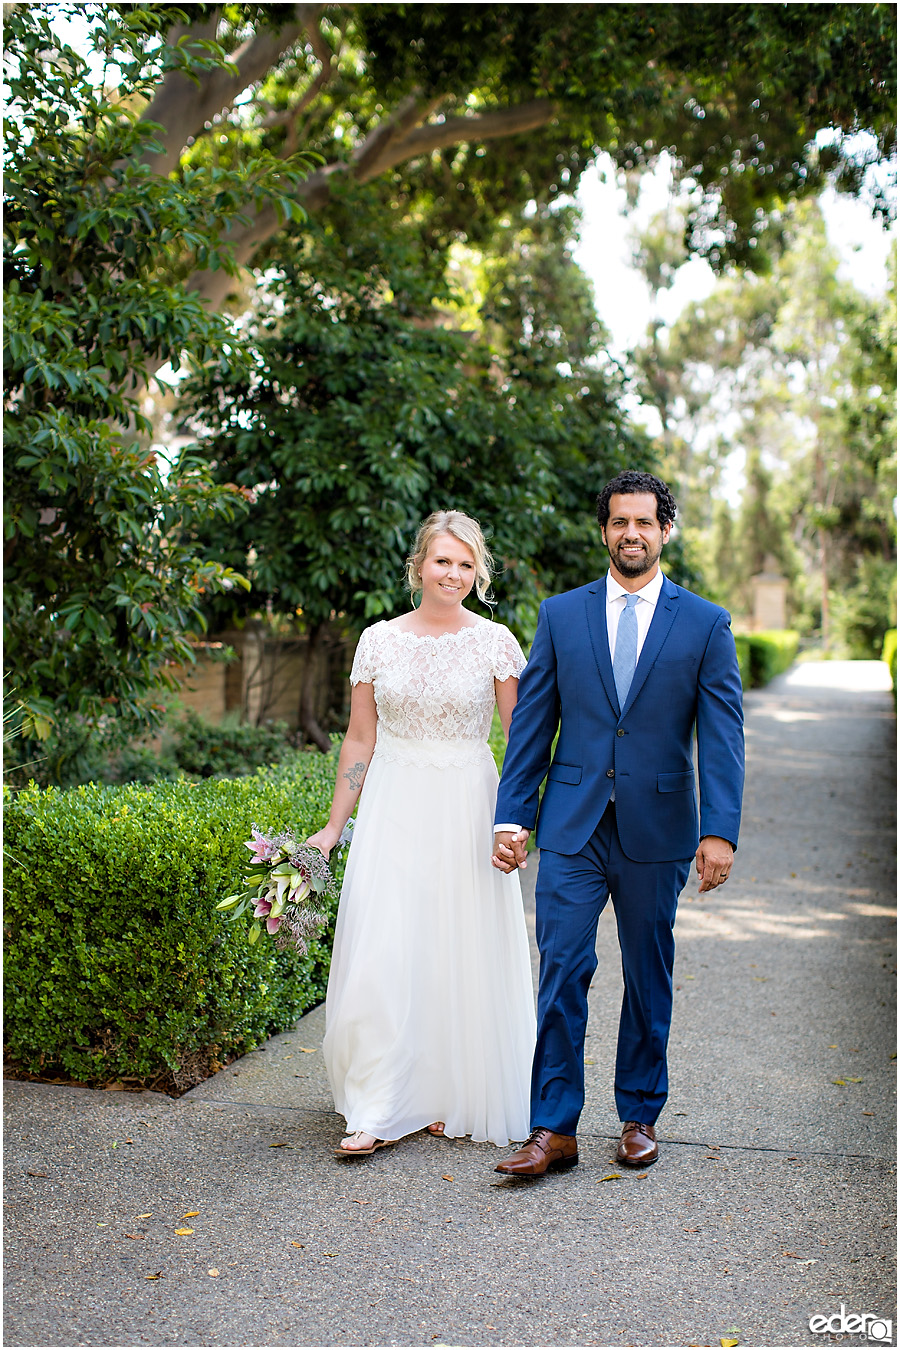 San Diego Elopement couple portrait at Alcazar Garden.